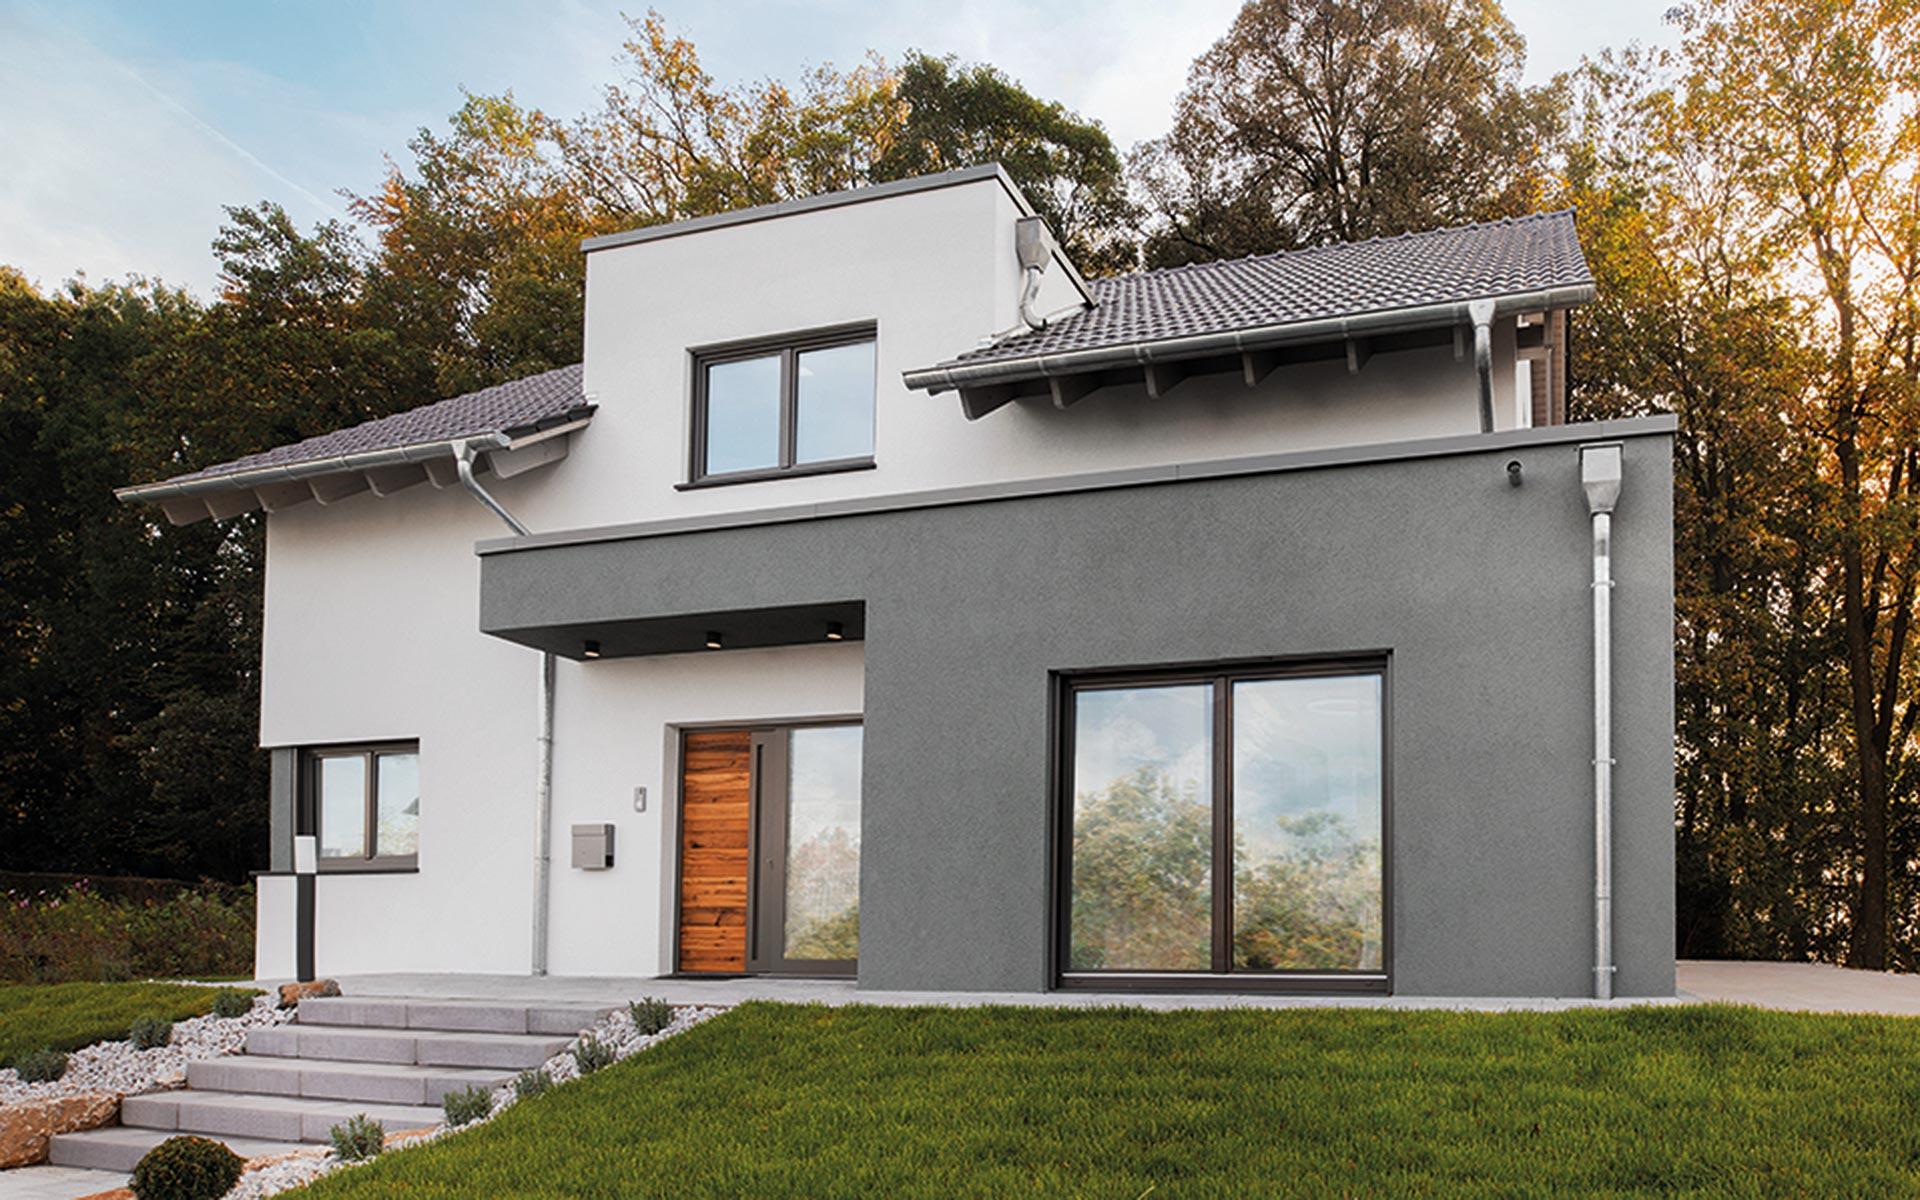 Bad Vilbel (Musterhaus) von Fingerhut Haus GmbH & Co. KG